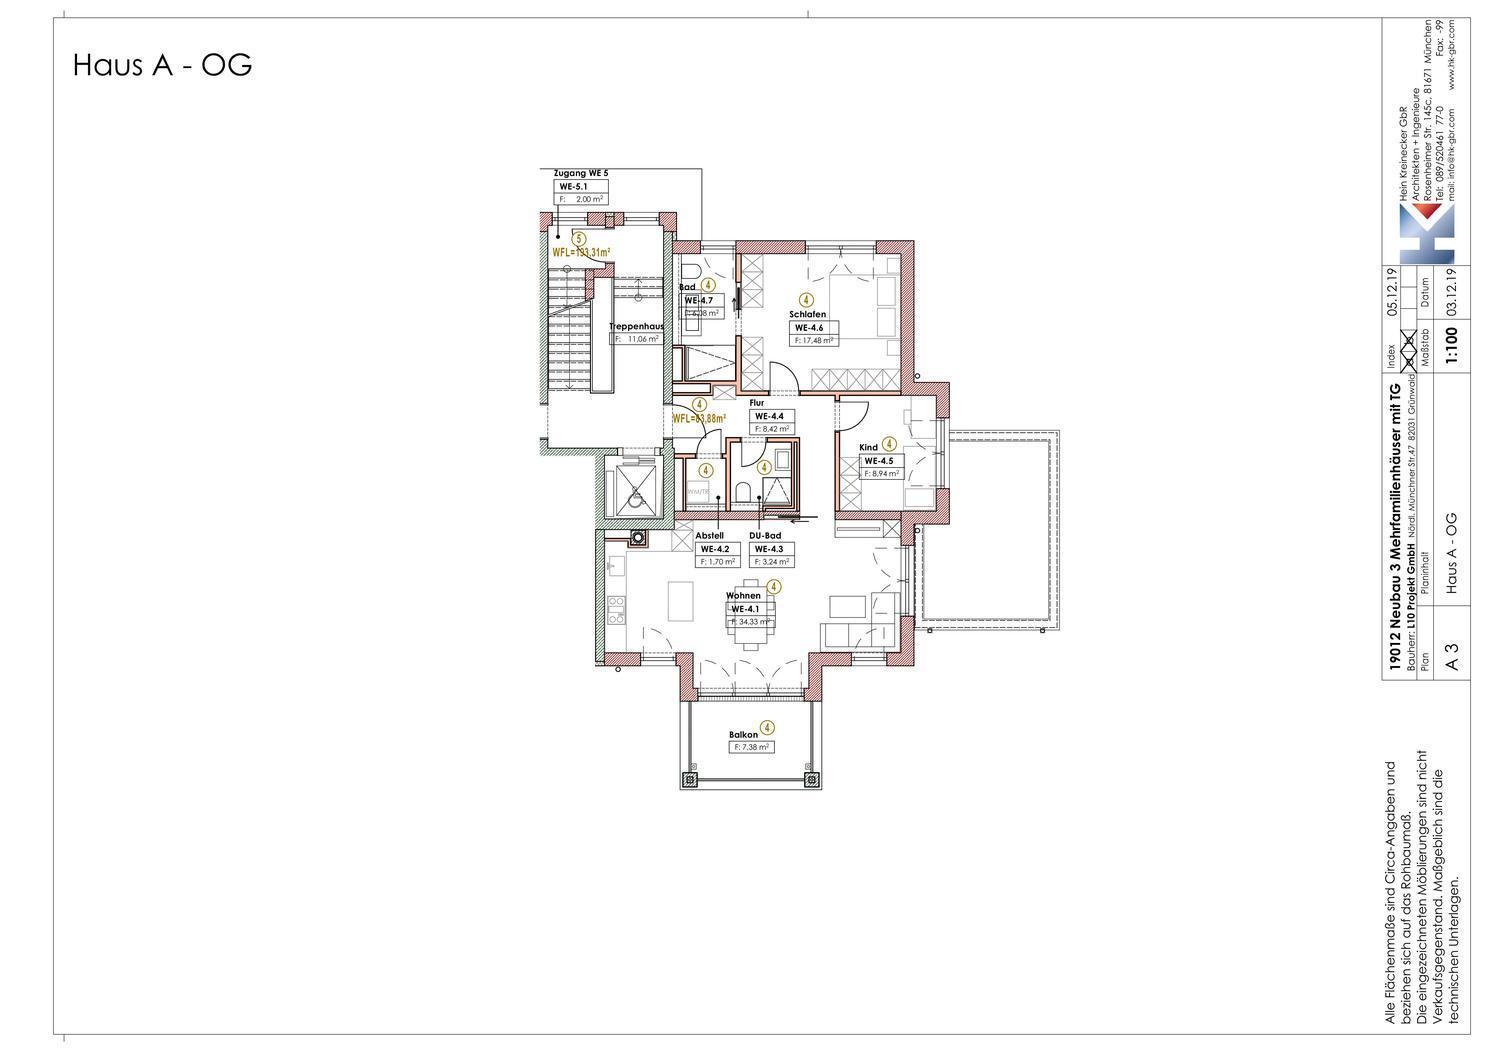 Haus-A-OG